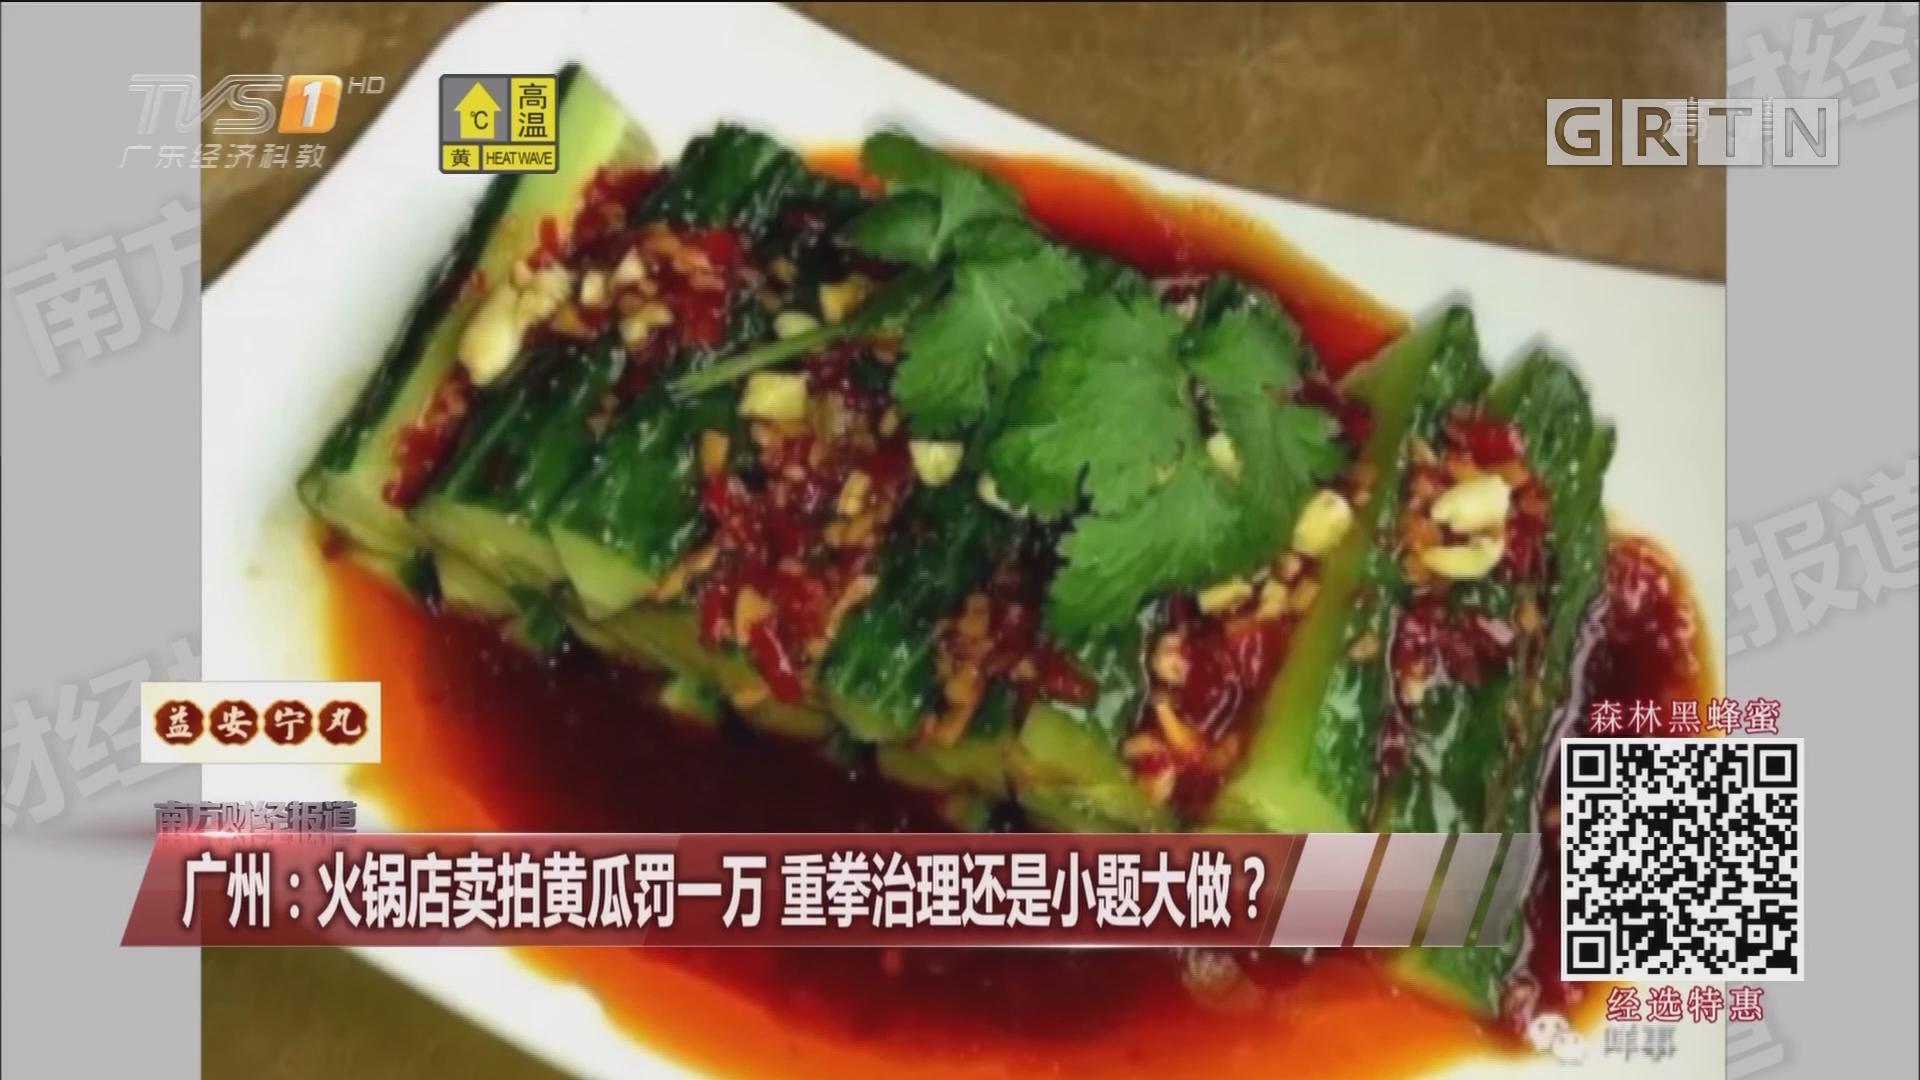 广州:火锅店卖拍黄瓜罚一万 重拳治理还是小题大做?